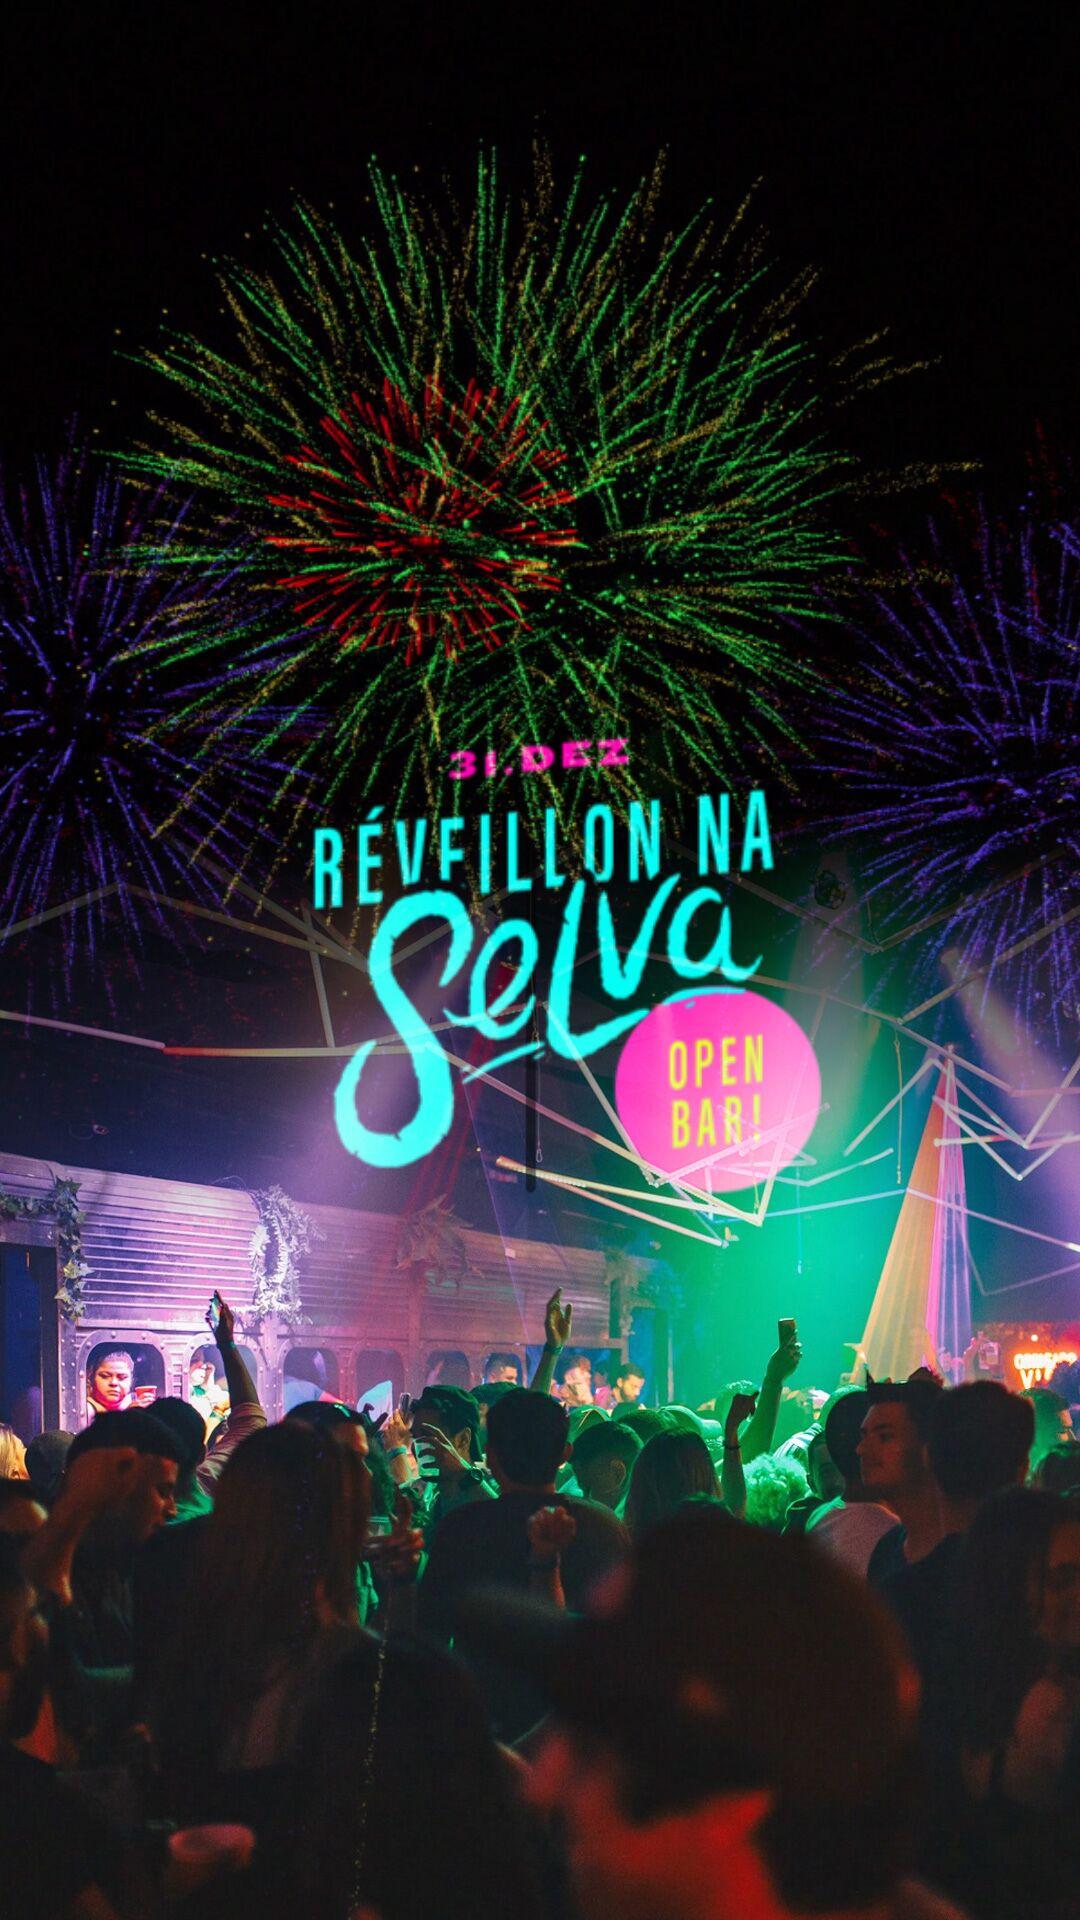 Réveillon na Selva ✭ Open Bar ✭ Mais de 20 atrações